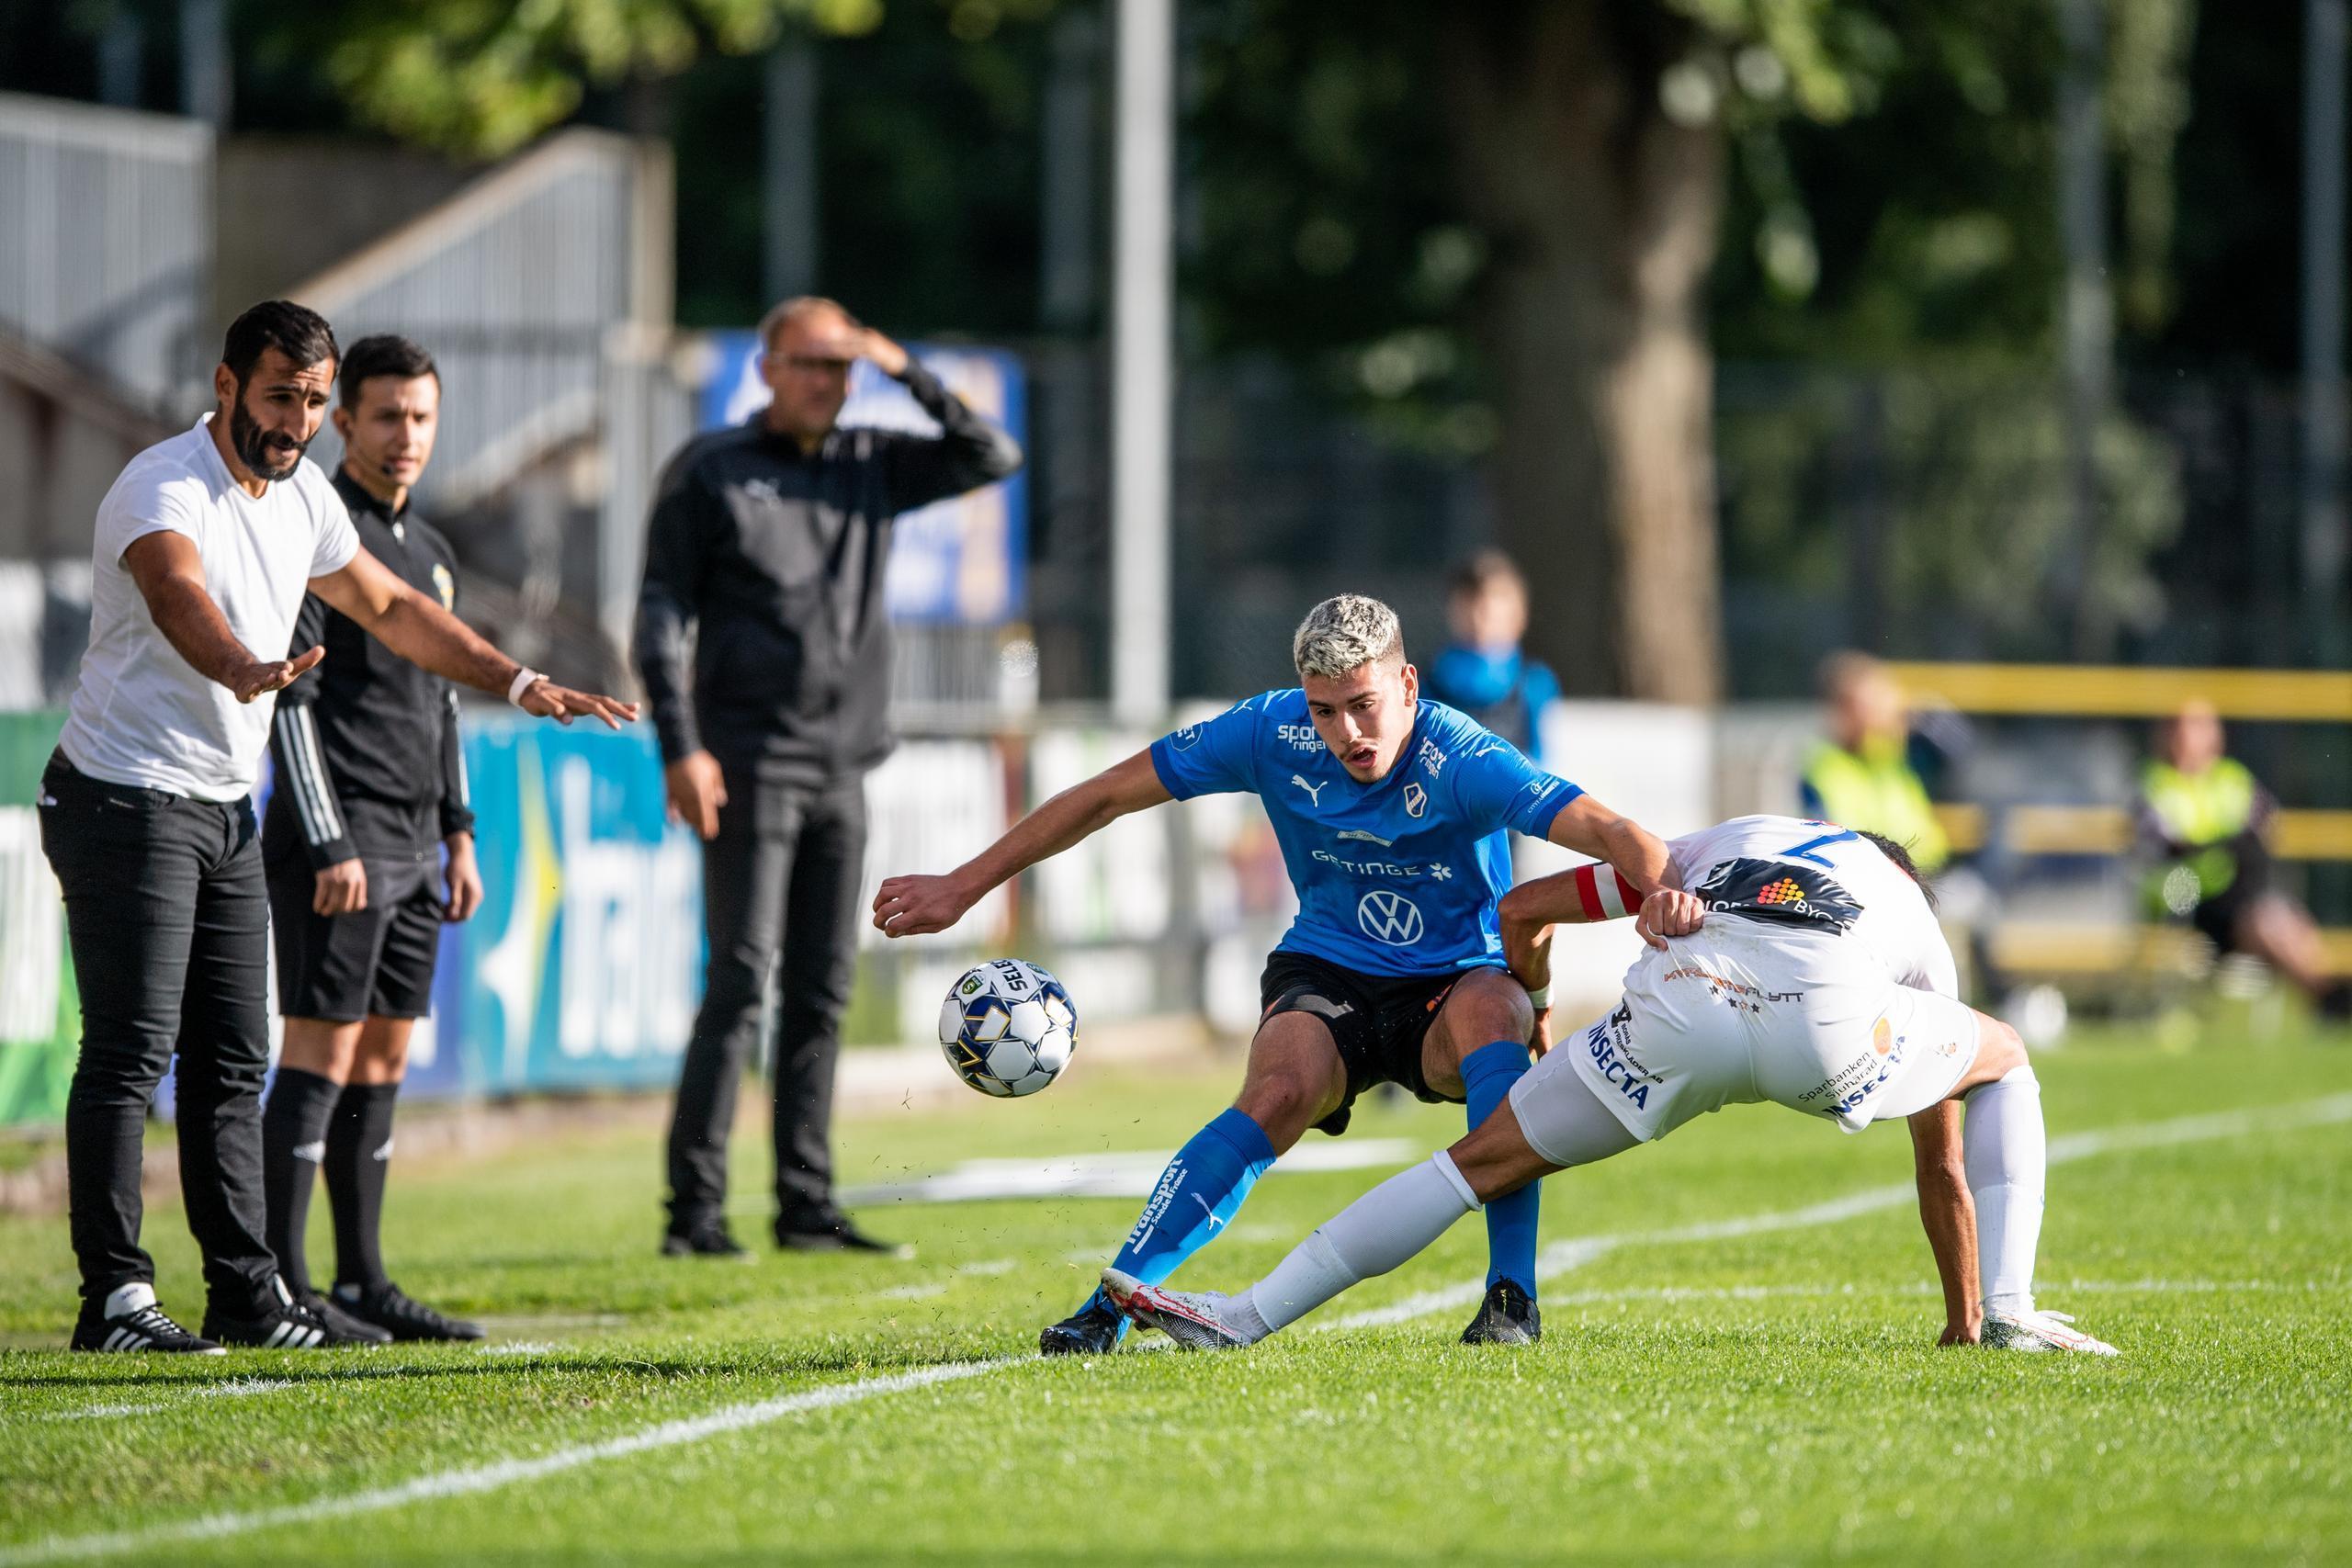 3-0 vinst för HBK mot Norrby